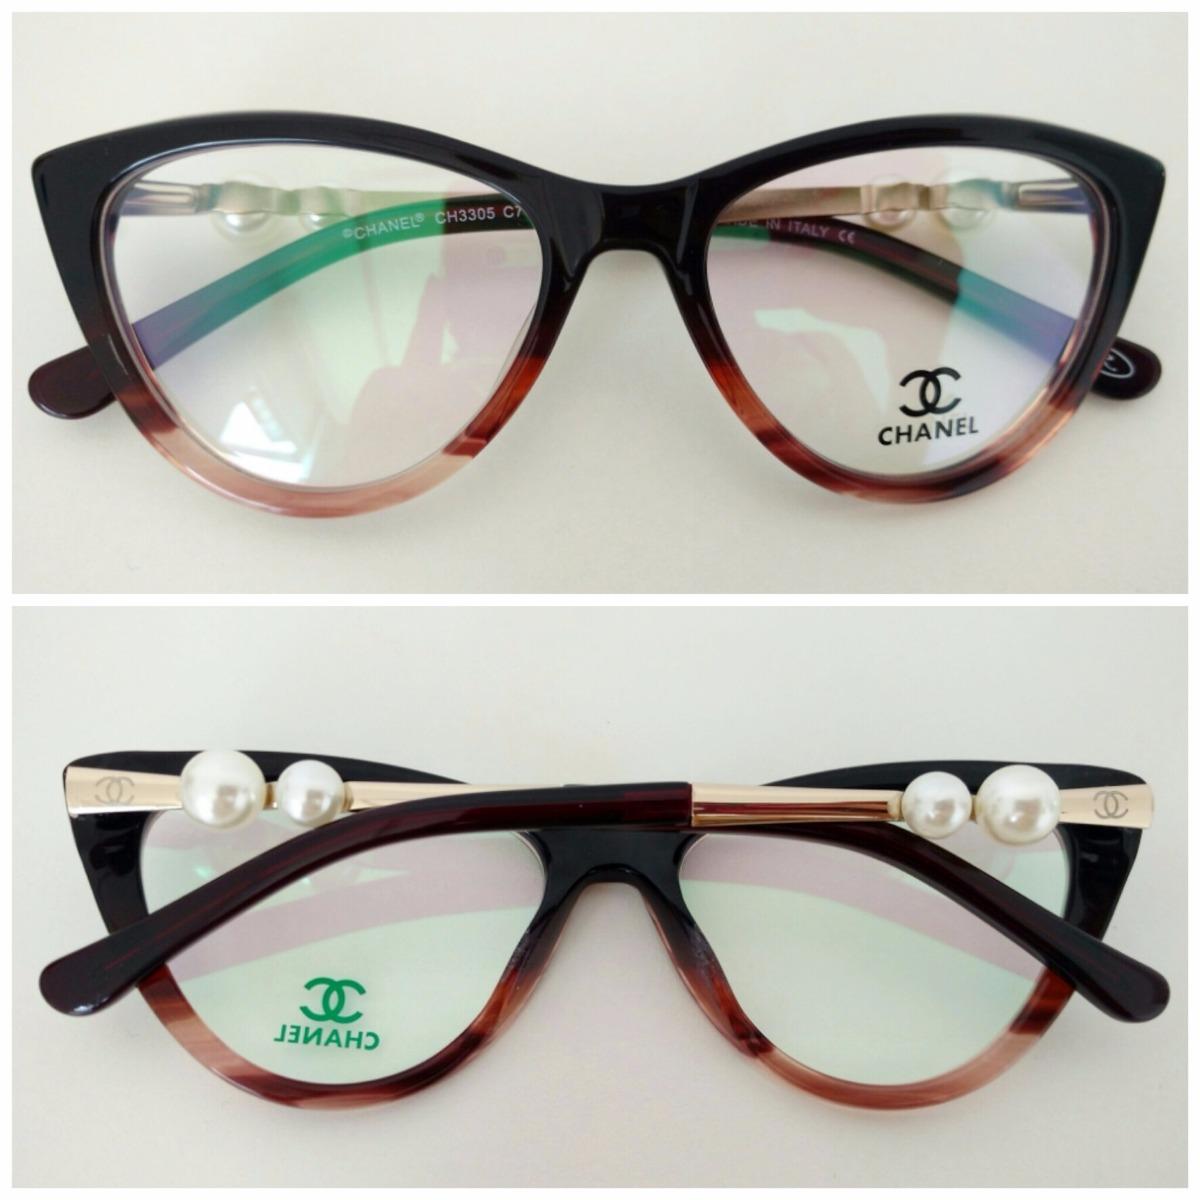 21fa4b87e1ebe armação óculos grau feminino acetato gatinho pérola ch3305. Carregando zoom.